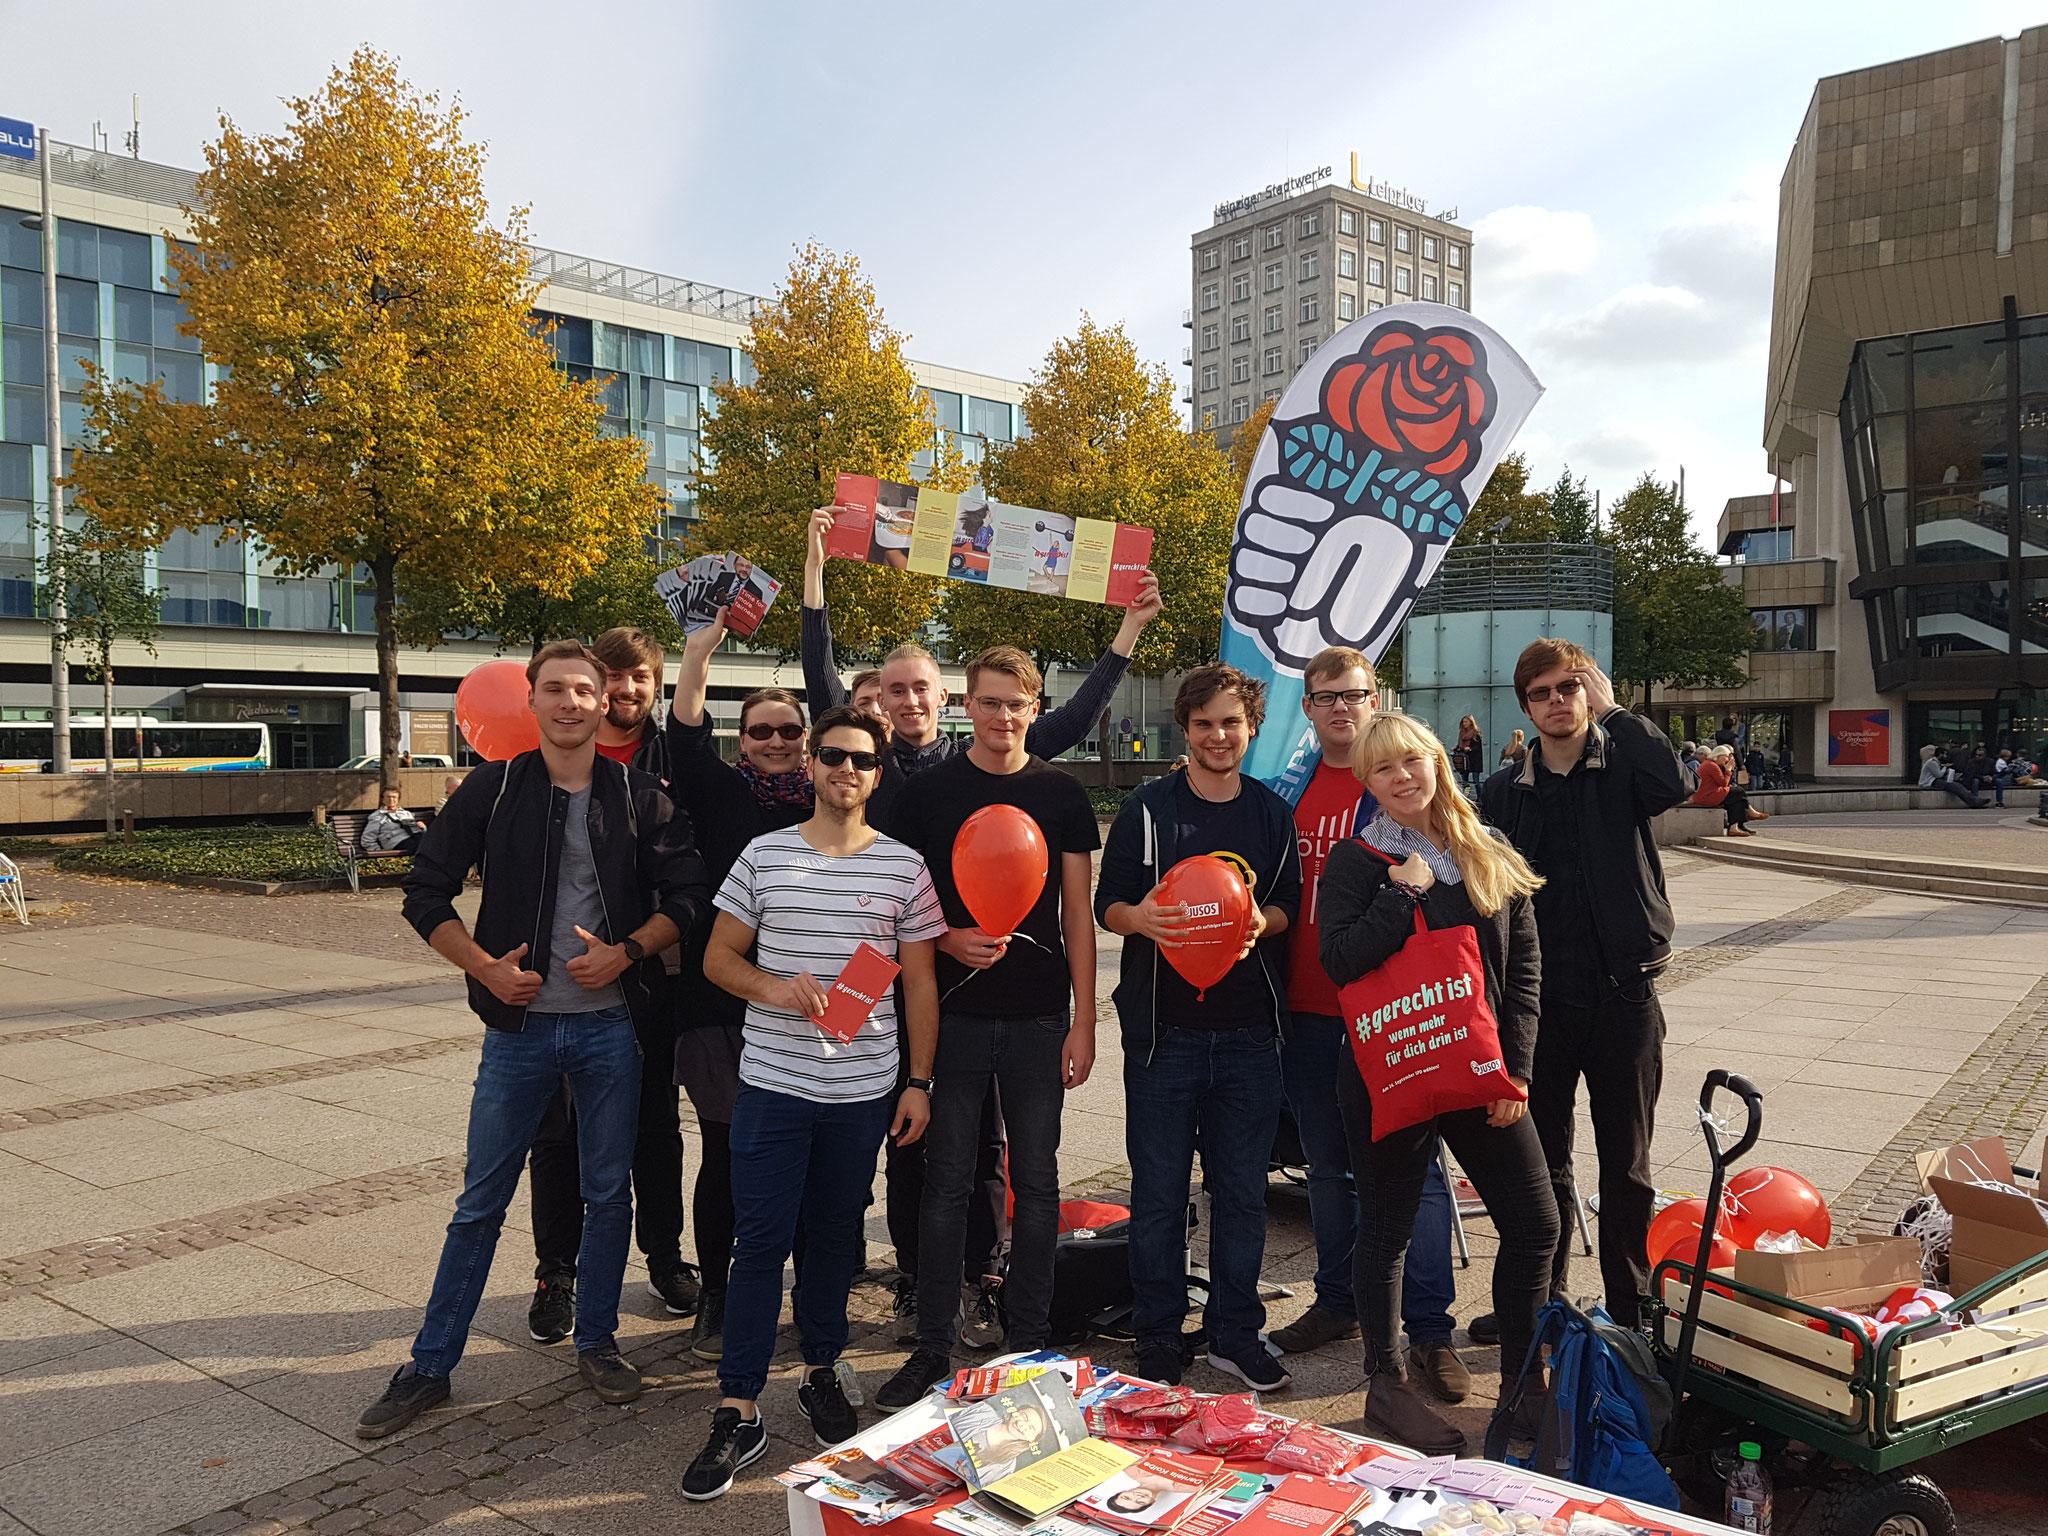 Jugendwahlkampf 2017